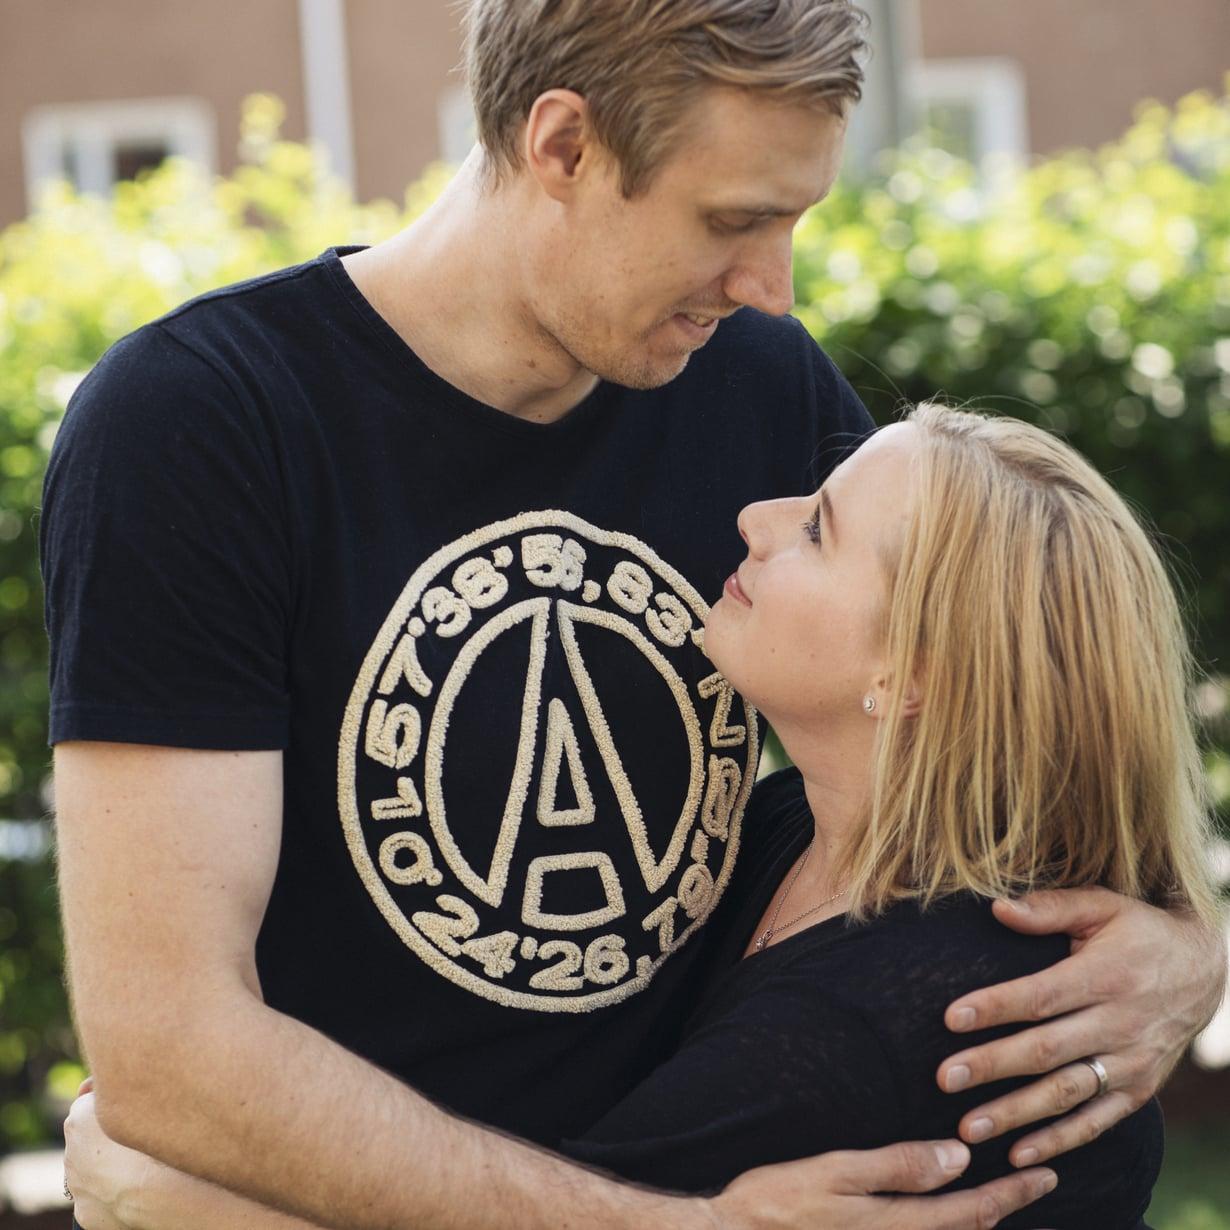 Marko ja Heidi Anttila ovat olleet yhdessä 13 vuotta. Parilla on 2-vuotias Iita-tytär. Kuva: Jouni Harala.